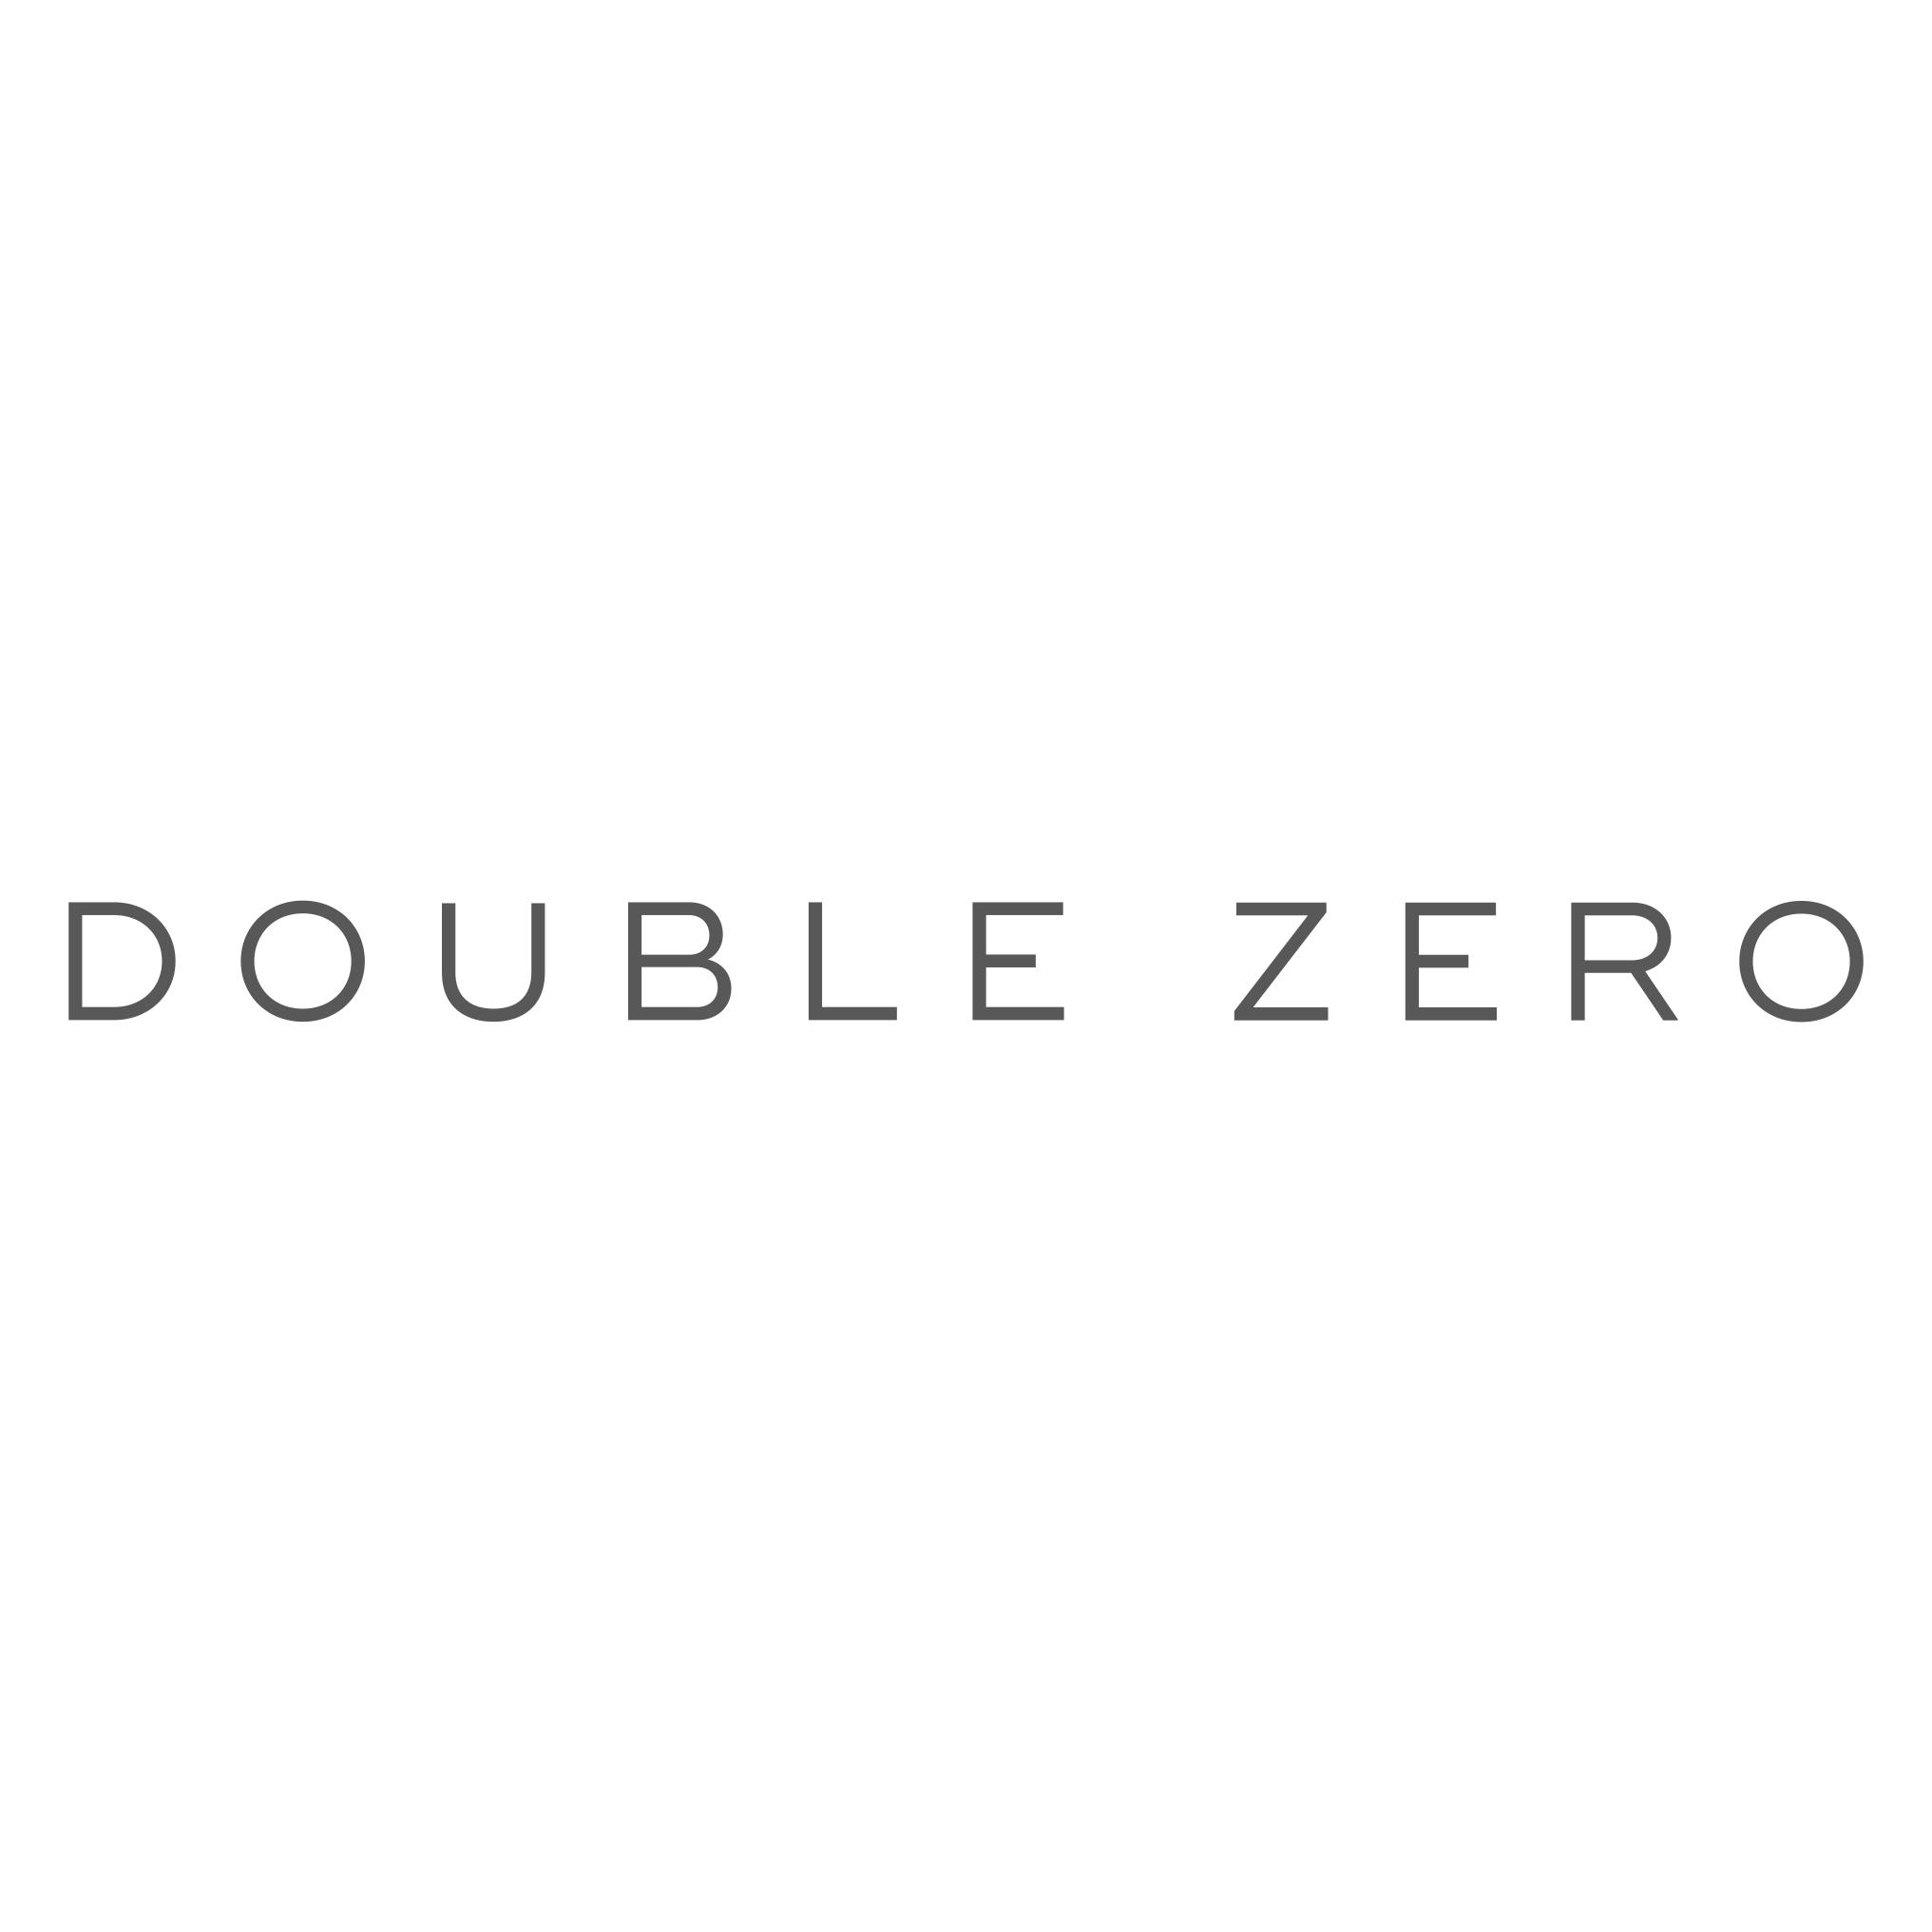 Double Zero - New York, NY 10003 - (212)777-1608 | ShowMeLocal.com